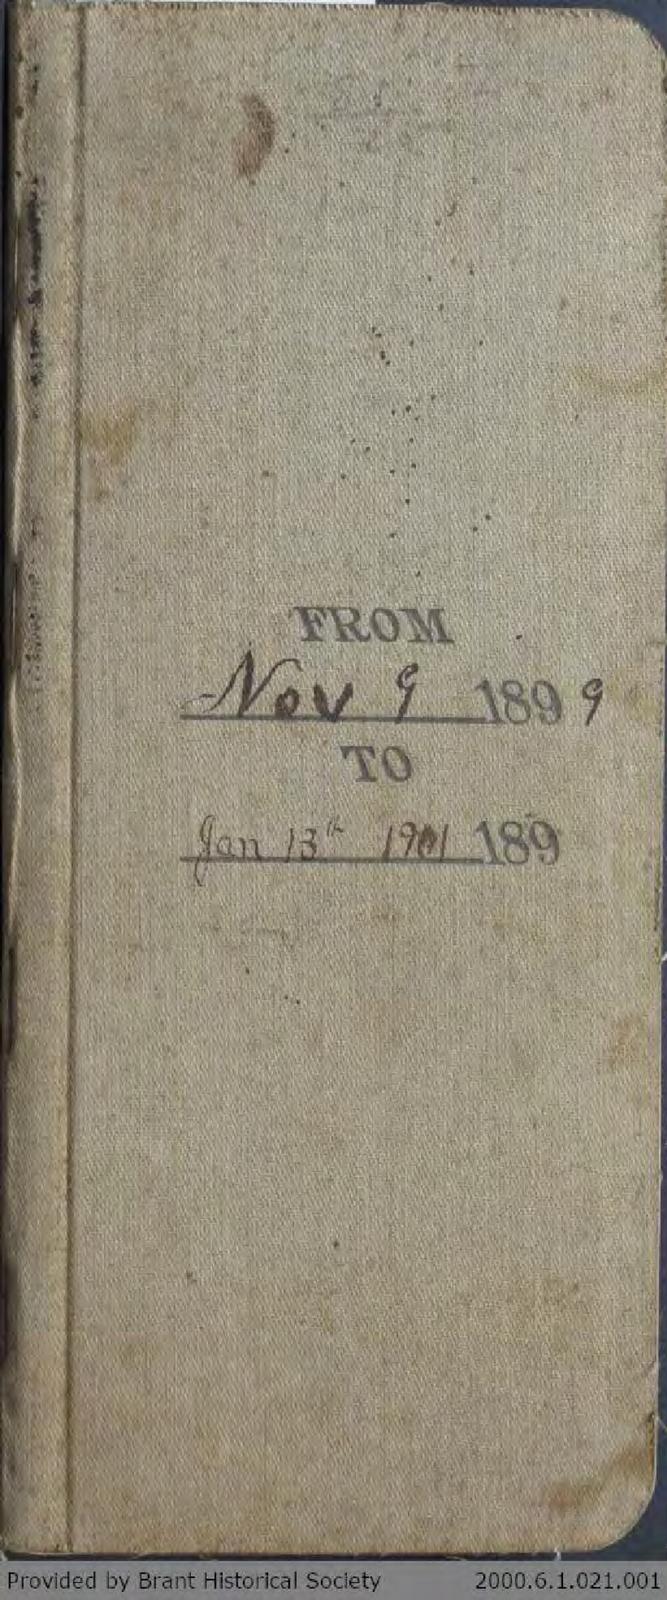 Chamberlain Ledger Book, 1899-1901